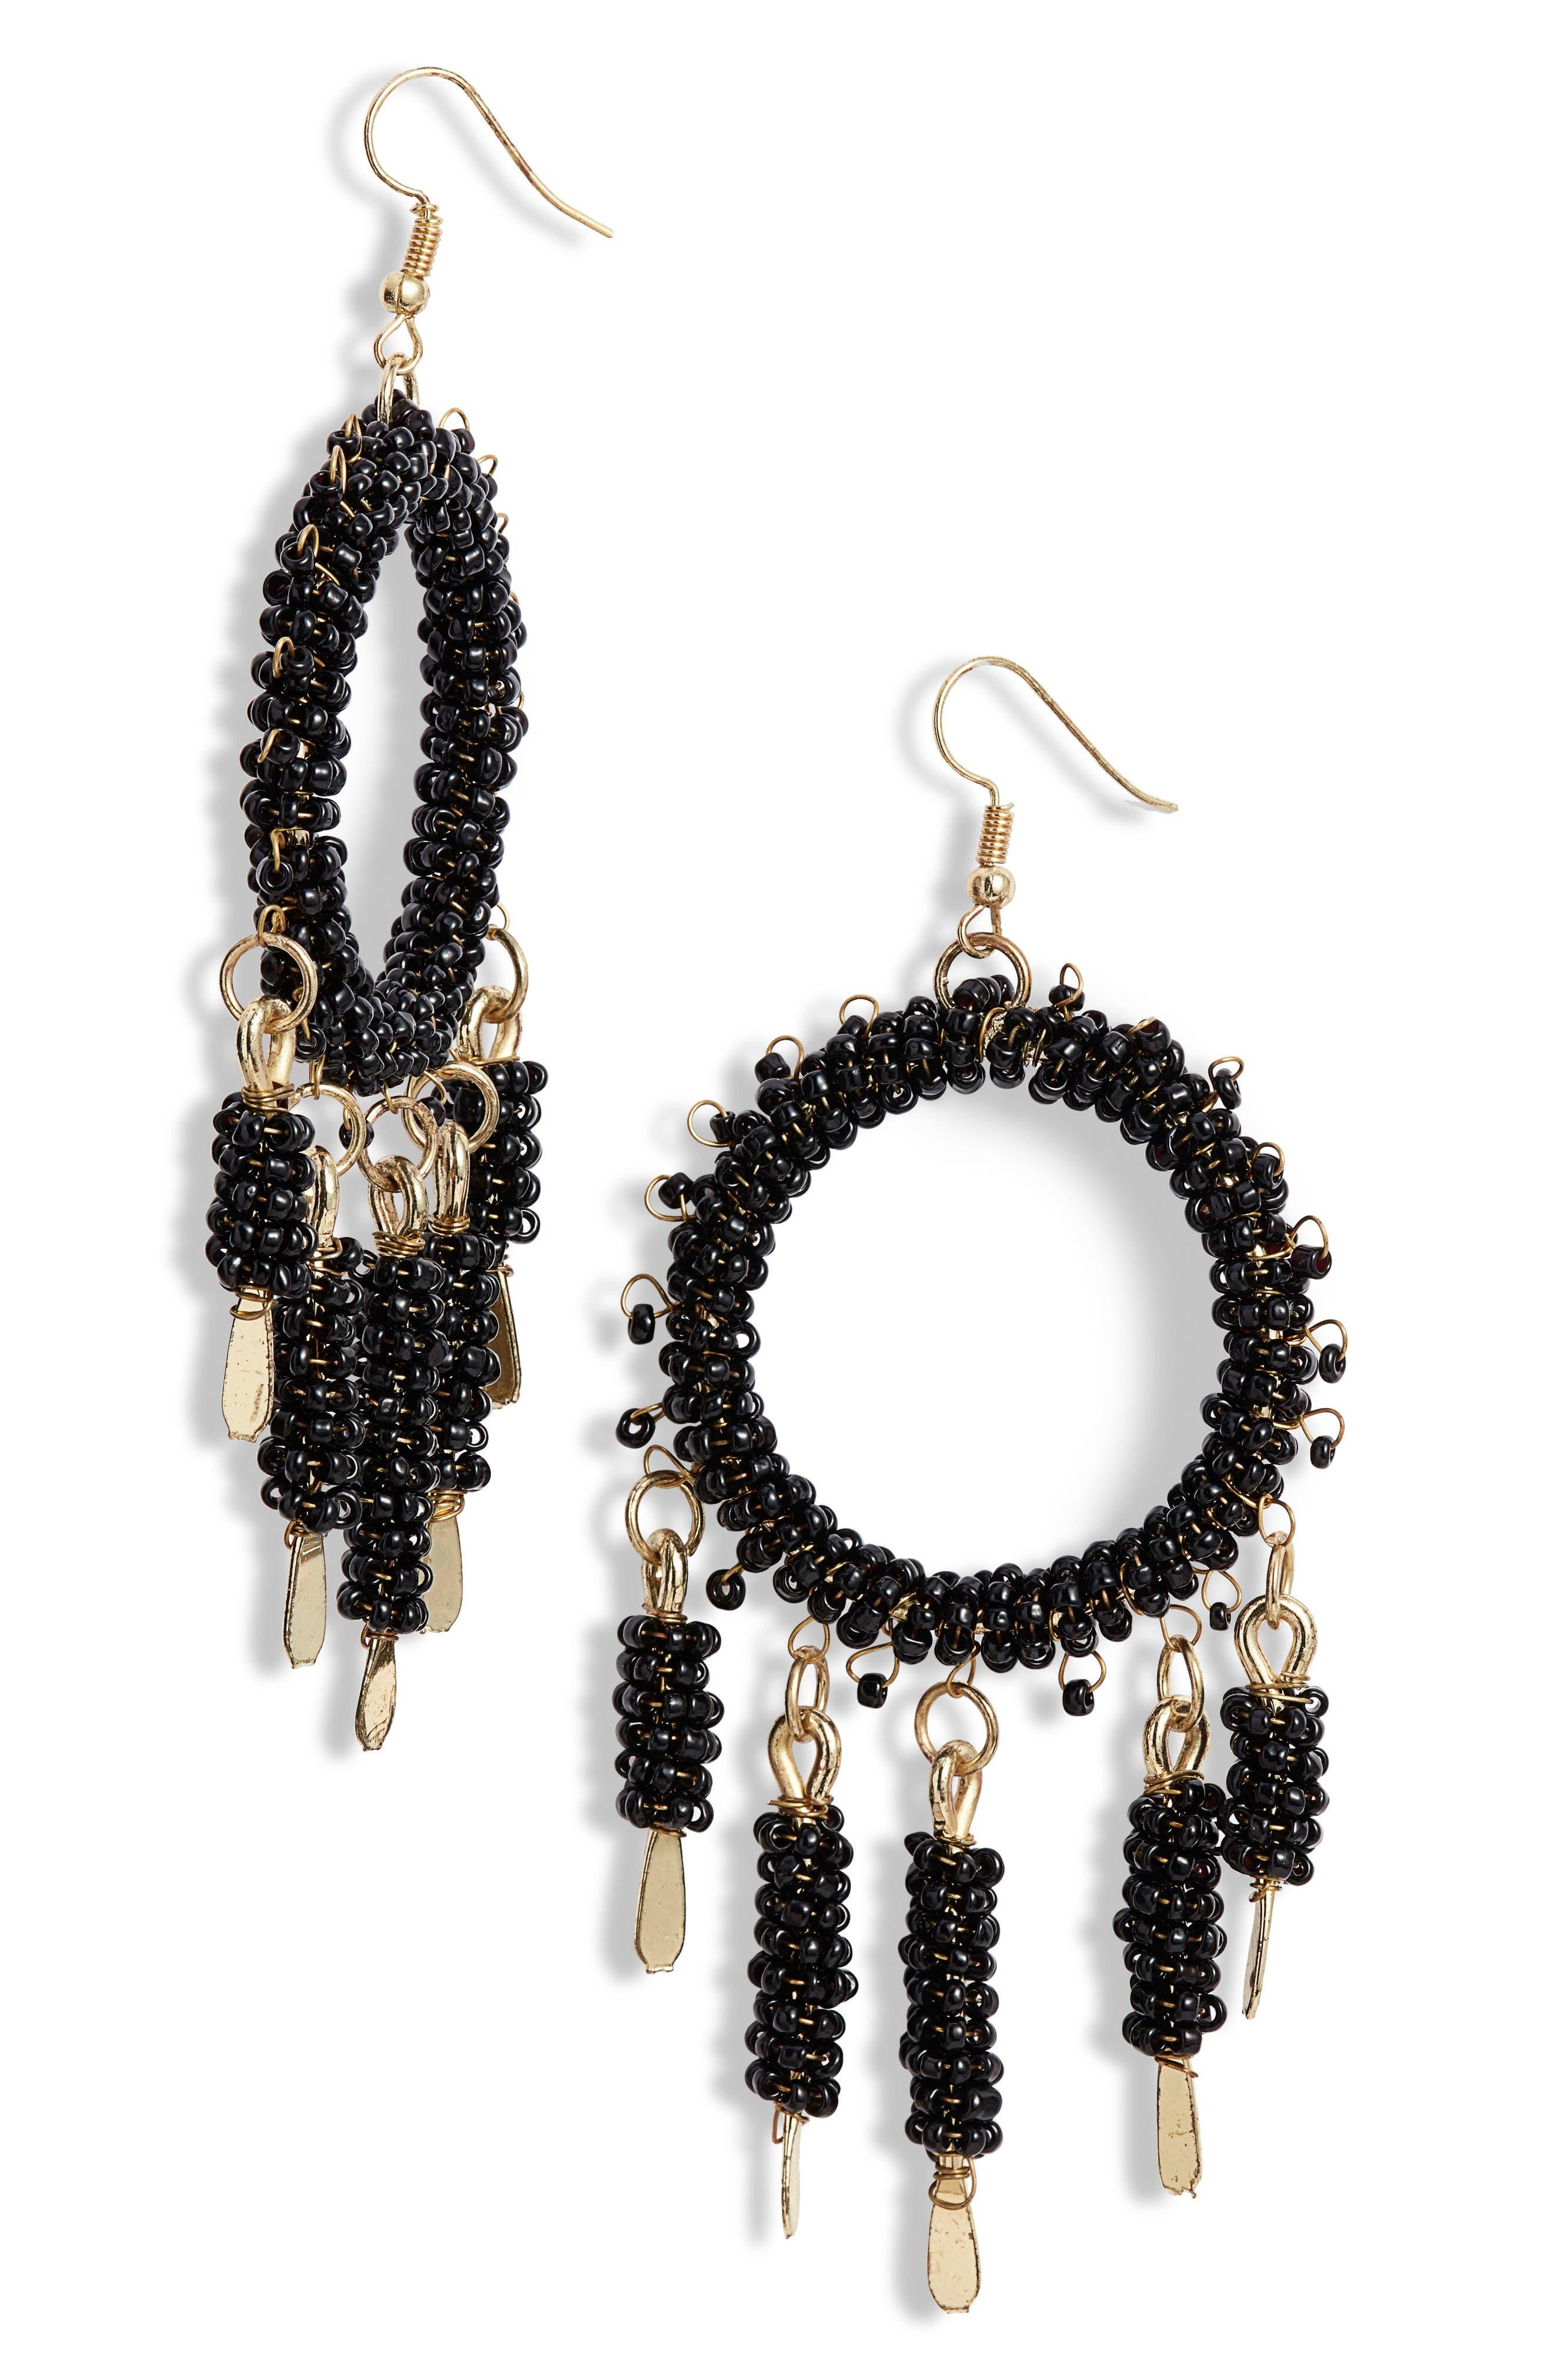 AREA STARS Bergen Hoop Earrings in Black